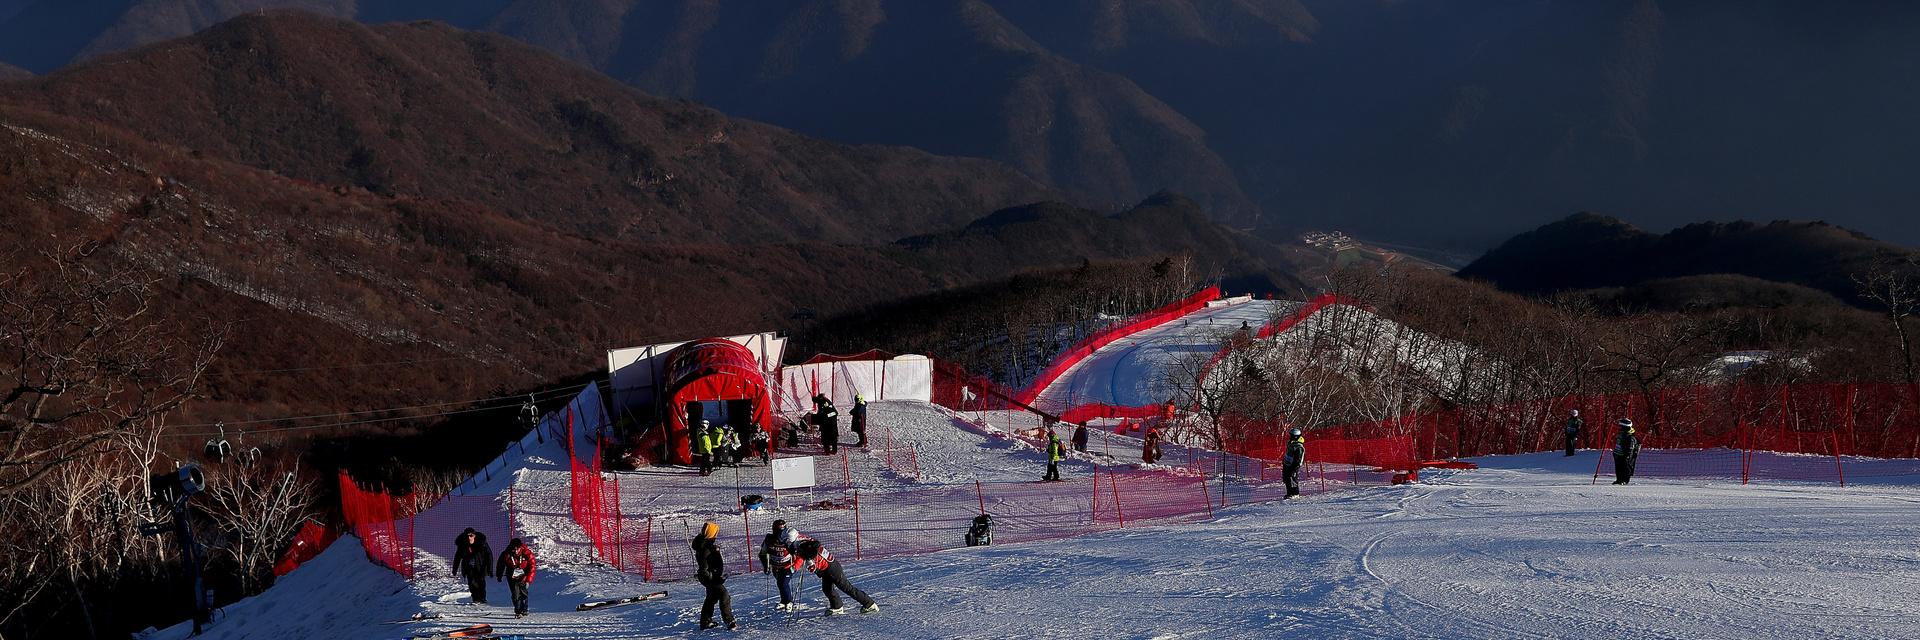 Jongszeon Alpine Centre